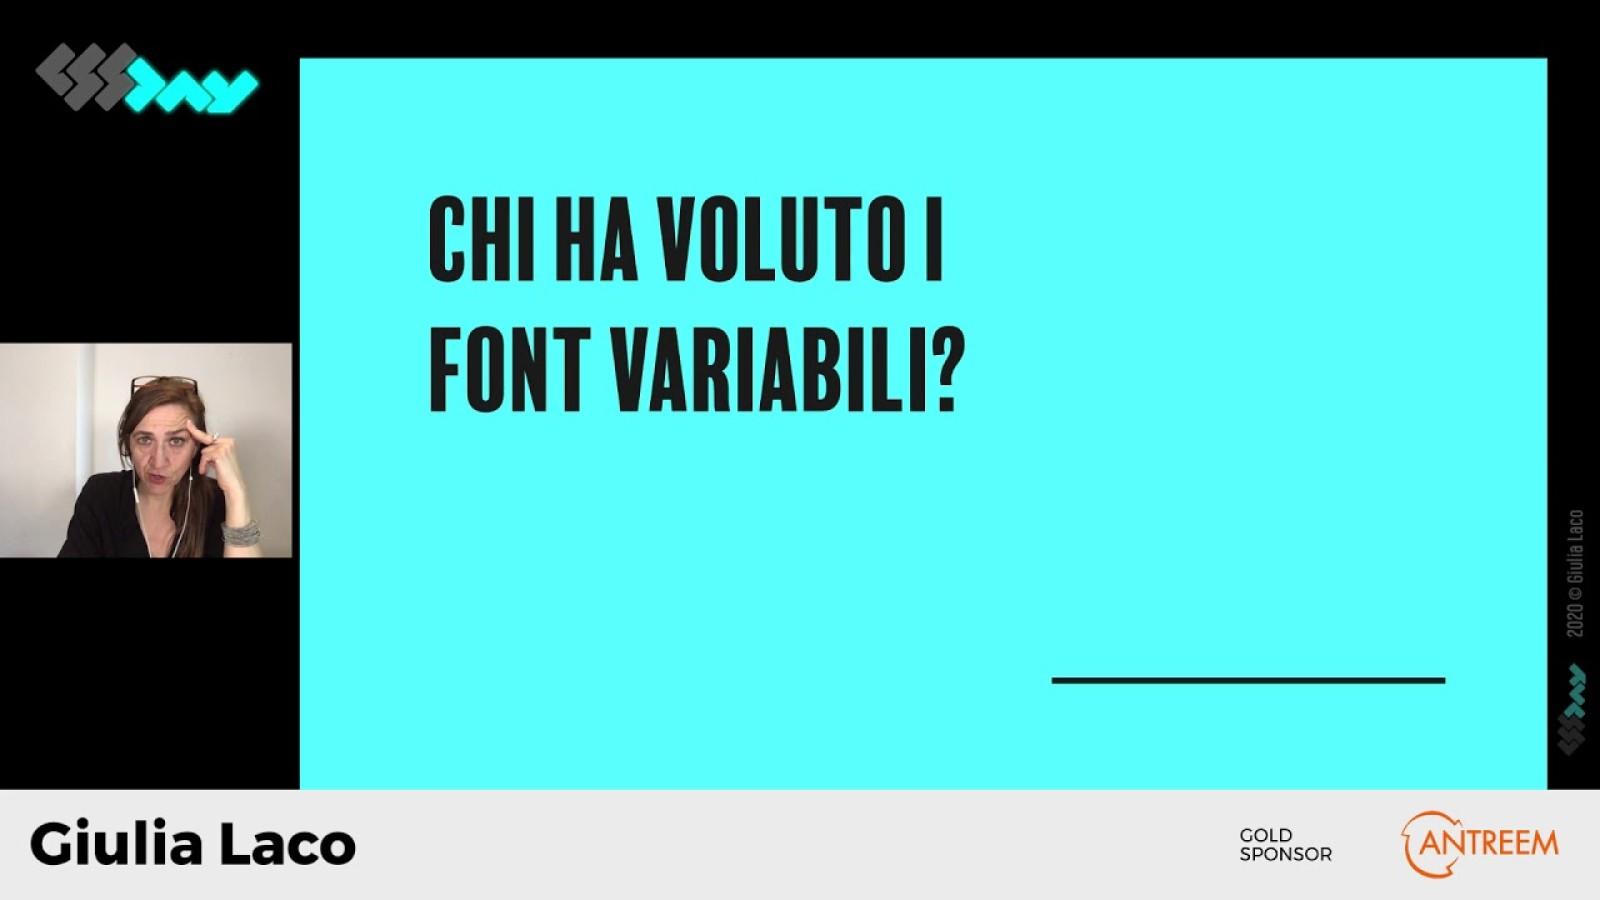 Font variabili? Sì grazie.